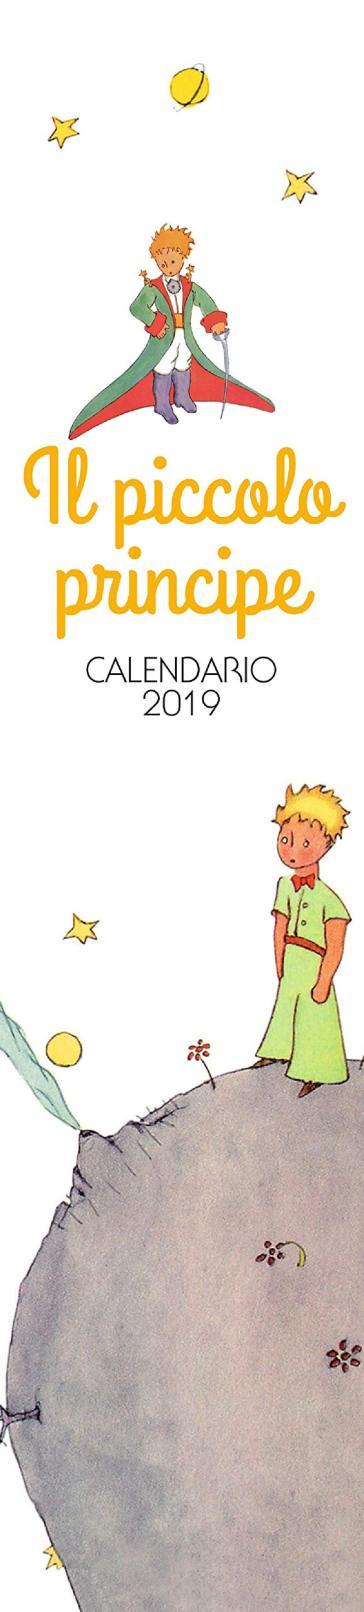 Il piccolo principe calendario mini 2019 idee for Regalo libri gratis